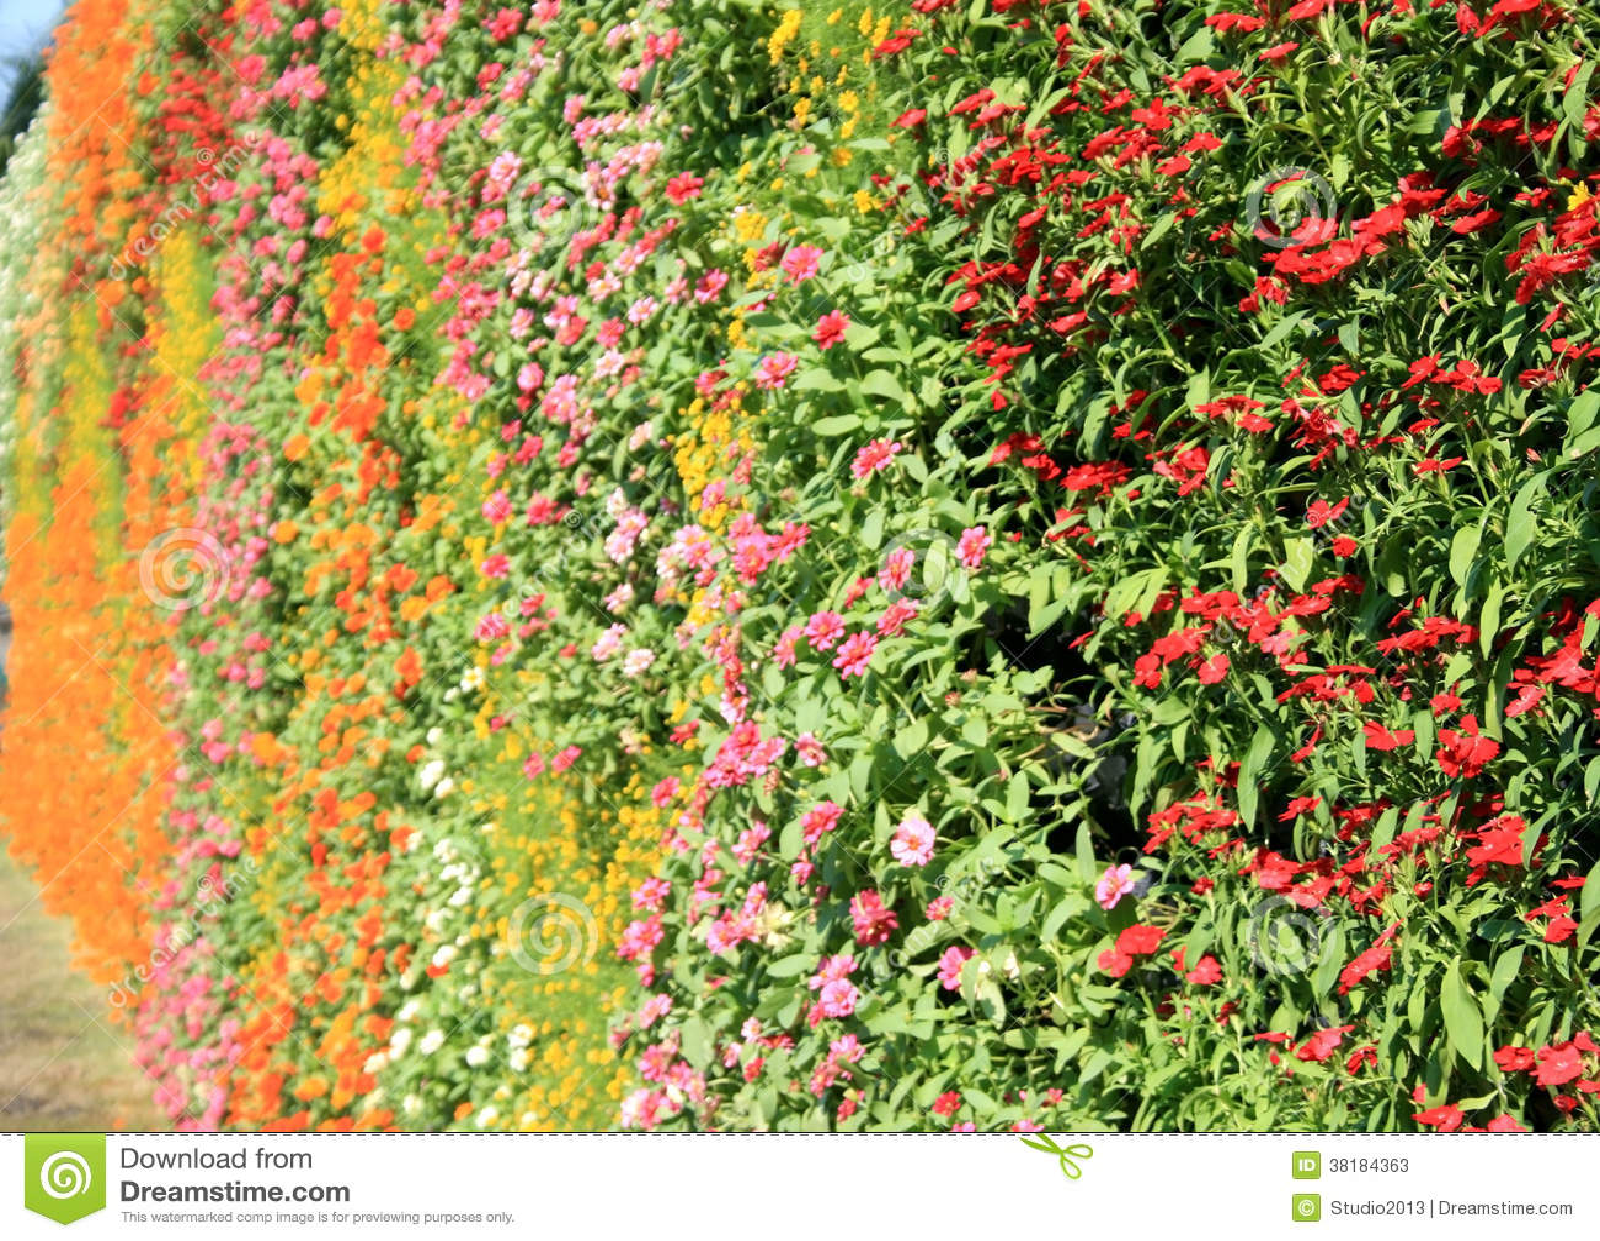 Flower wall vertical garden stock photos image 38184363 for Flower wall garden